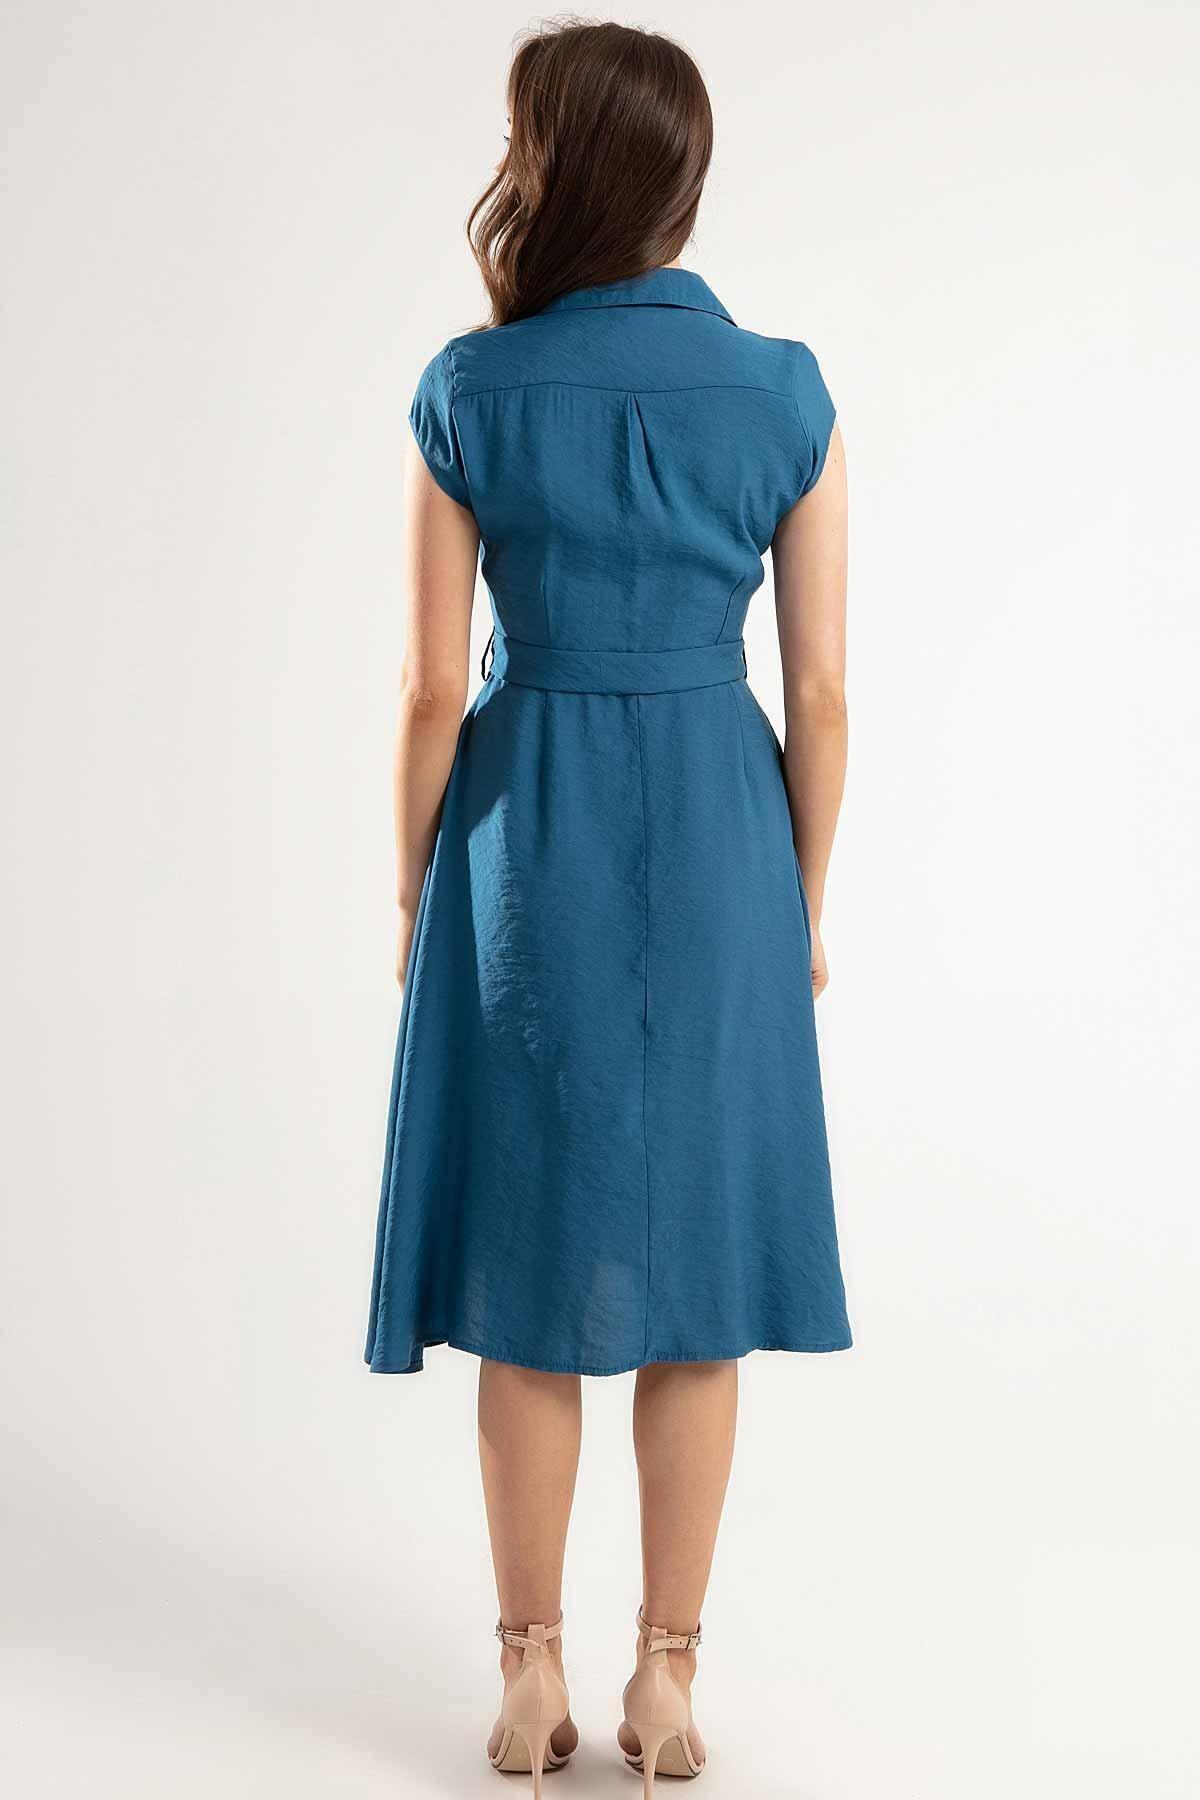 Y-London Kadın Kuşaklı Kısa Kollu Kloş Gömlek Elbise Y20s110-1677 3